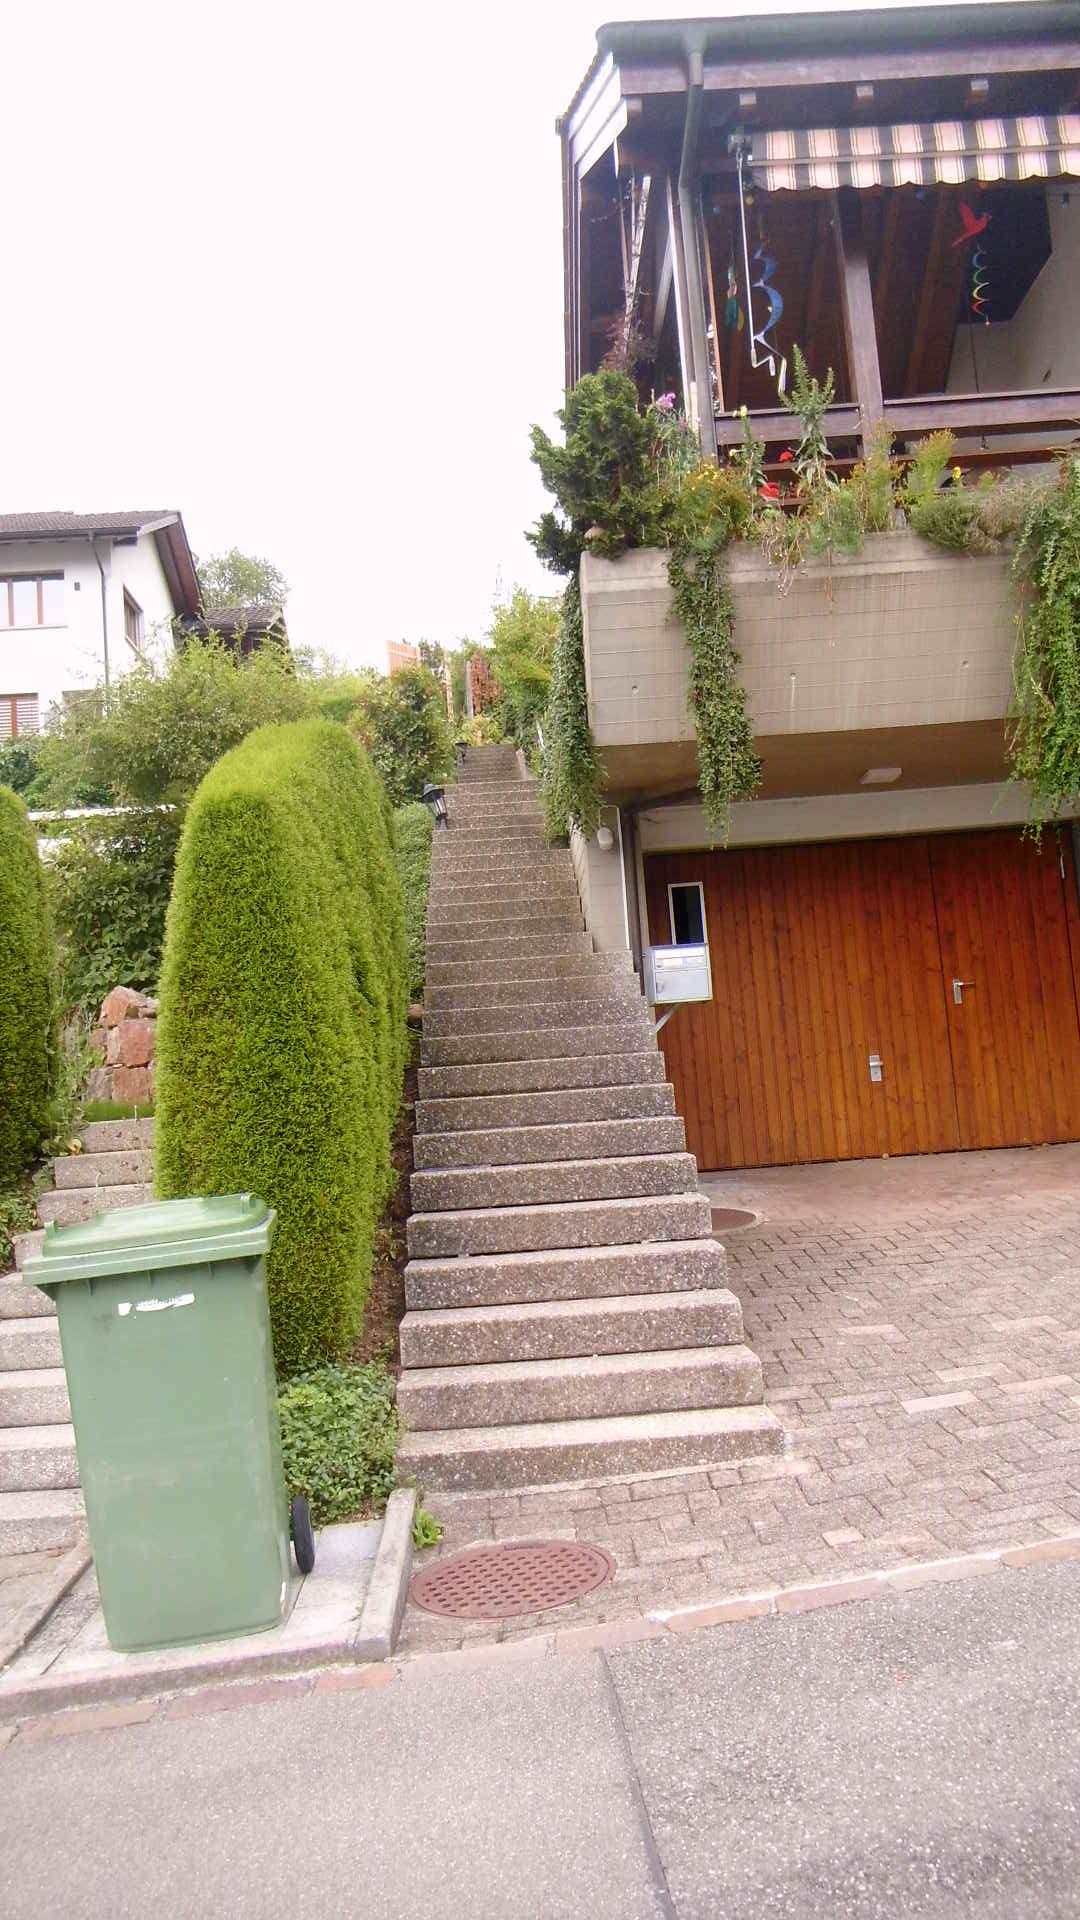 Sicherheit für Bewohner und Besucher der Wohnanlage ohne Handlauf